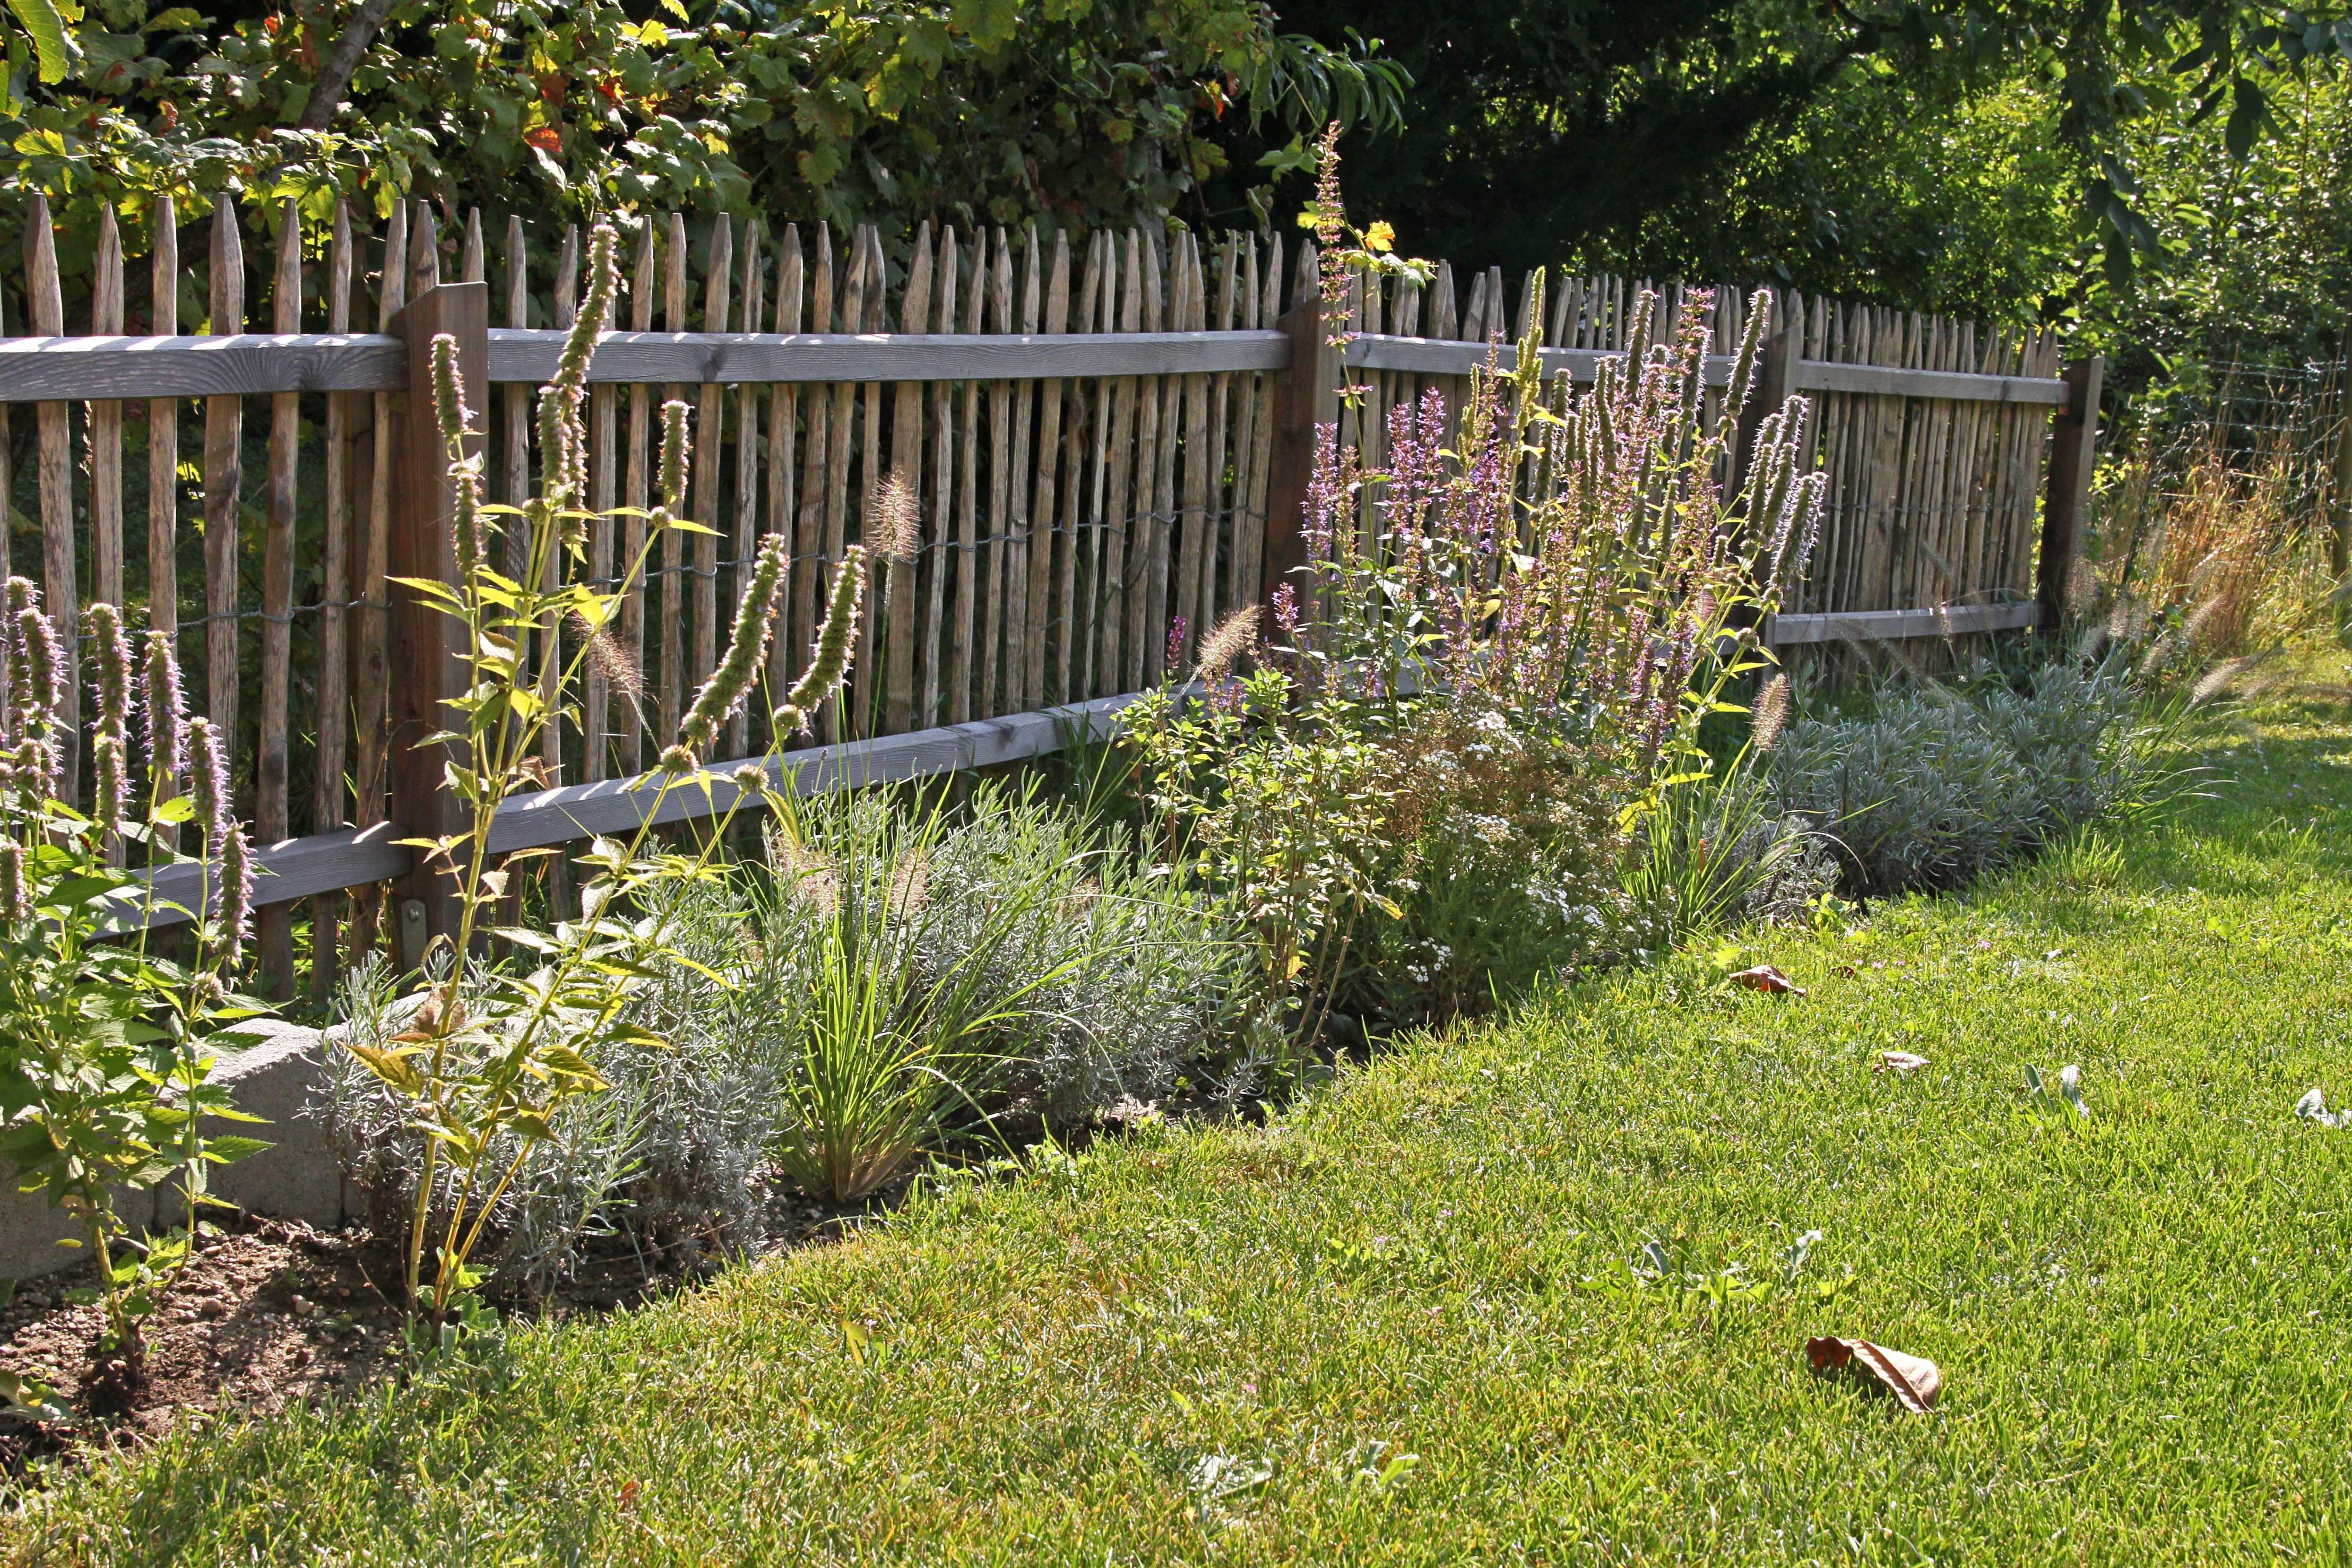 Natürlich: Zu einem ländlichen Garten passen rustikale Holzzäune kombiniert mit Stauden und Gräsern.